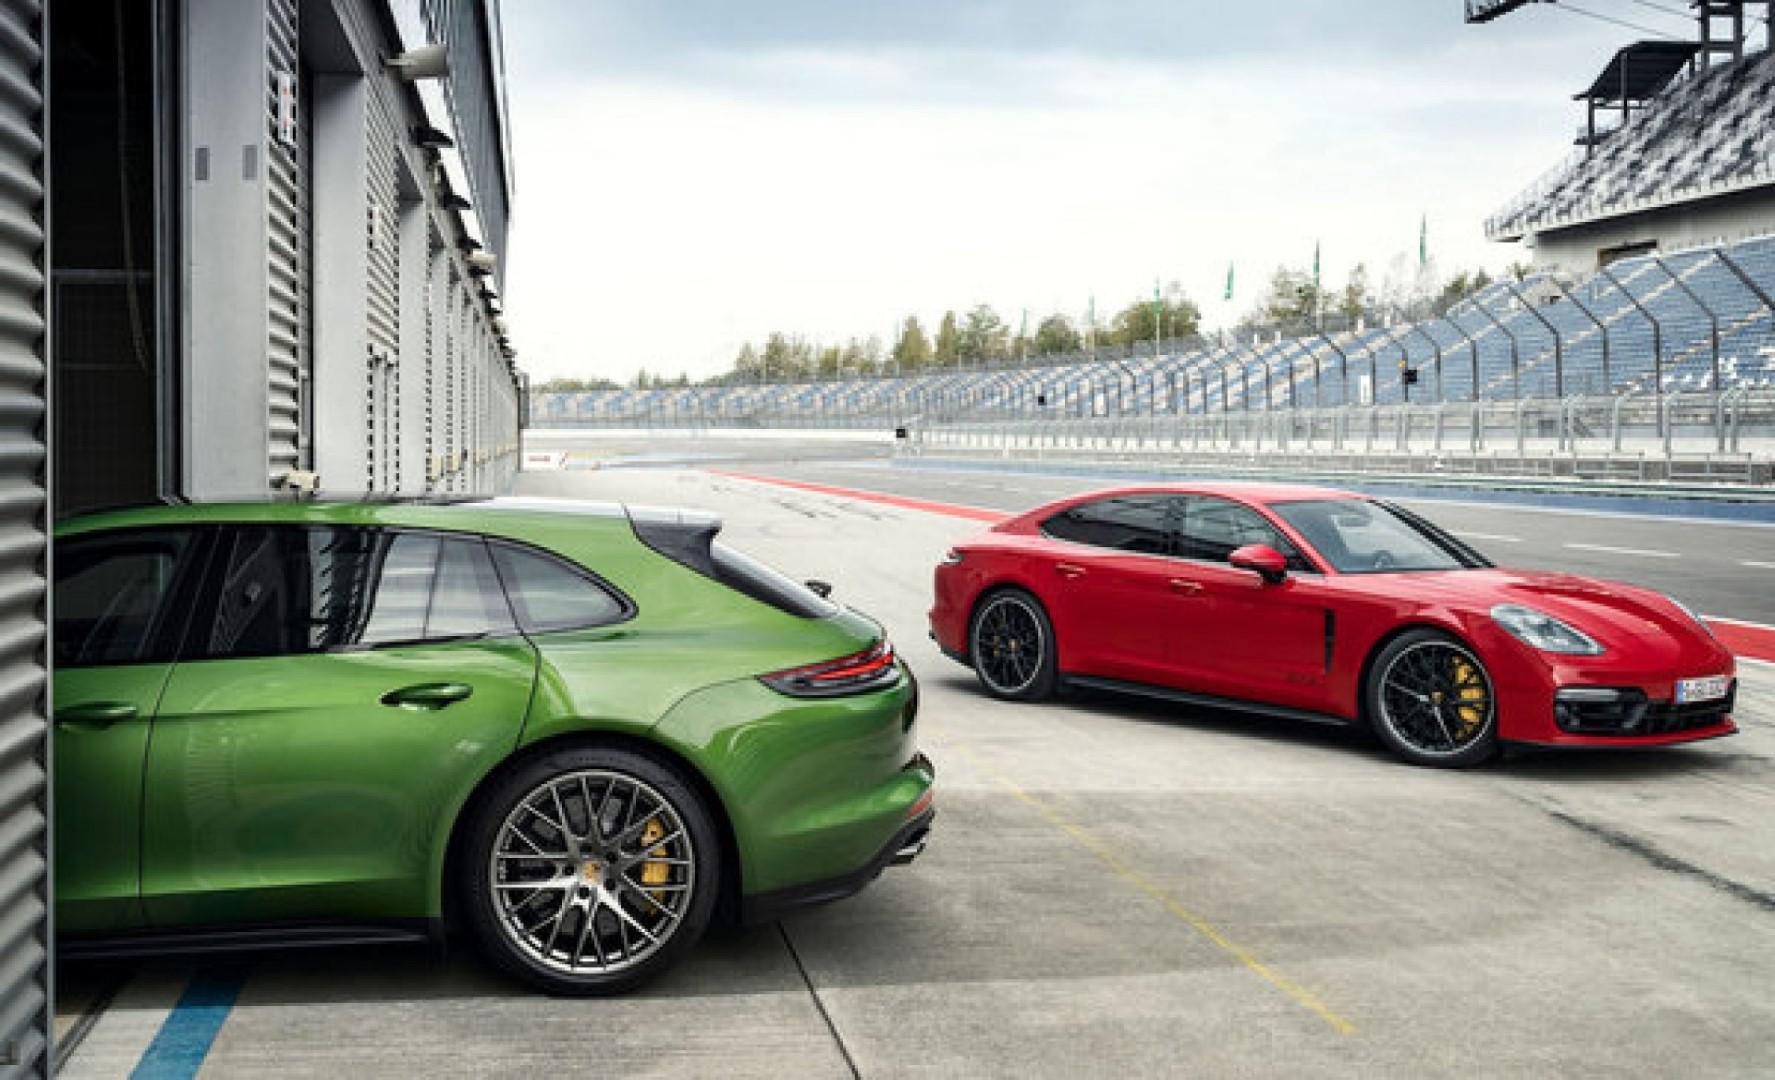 PorschePanamera version GTS: Un châssis retravaillé et un V8 de 460 chevaux sous le capot !